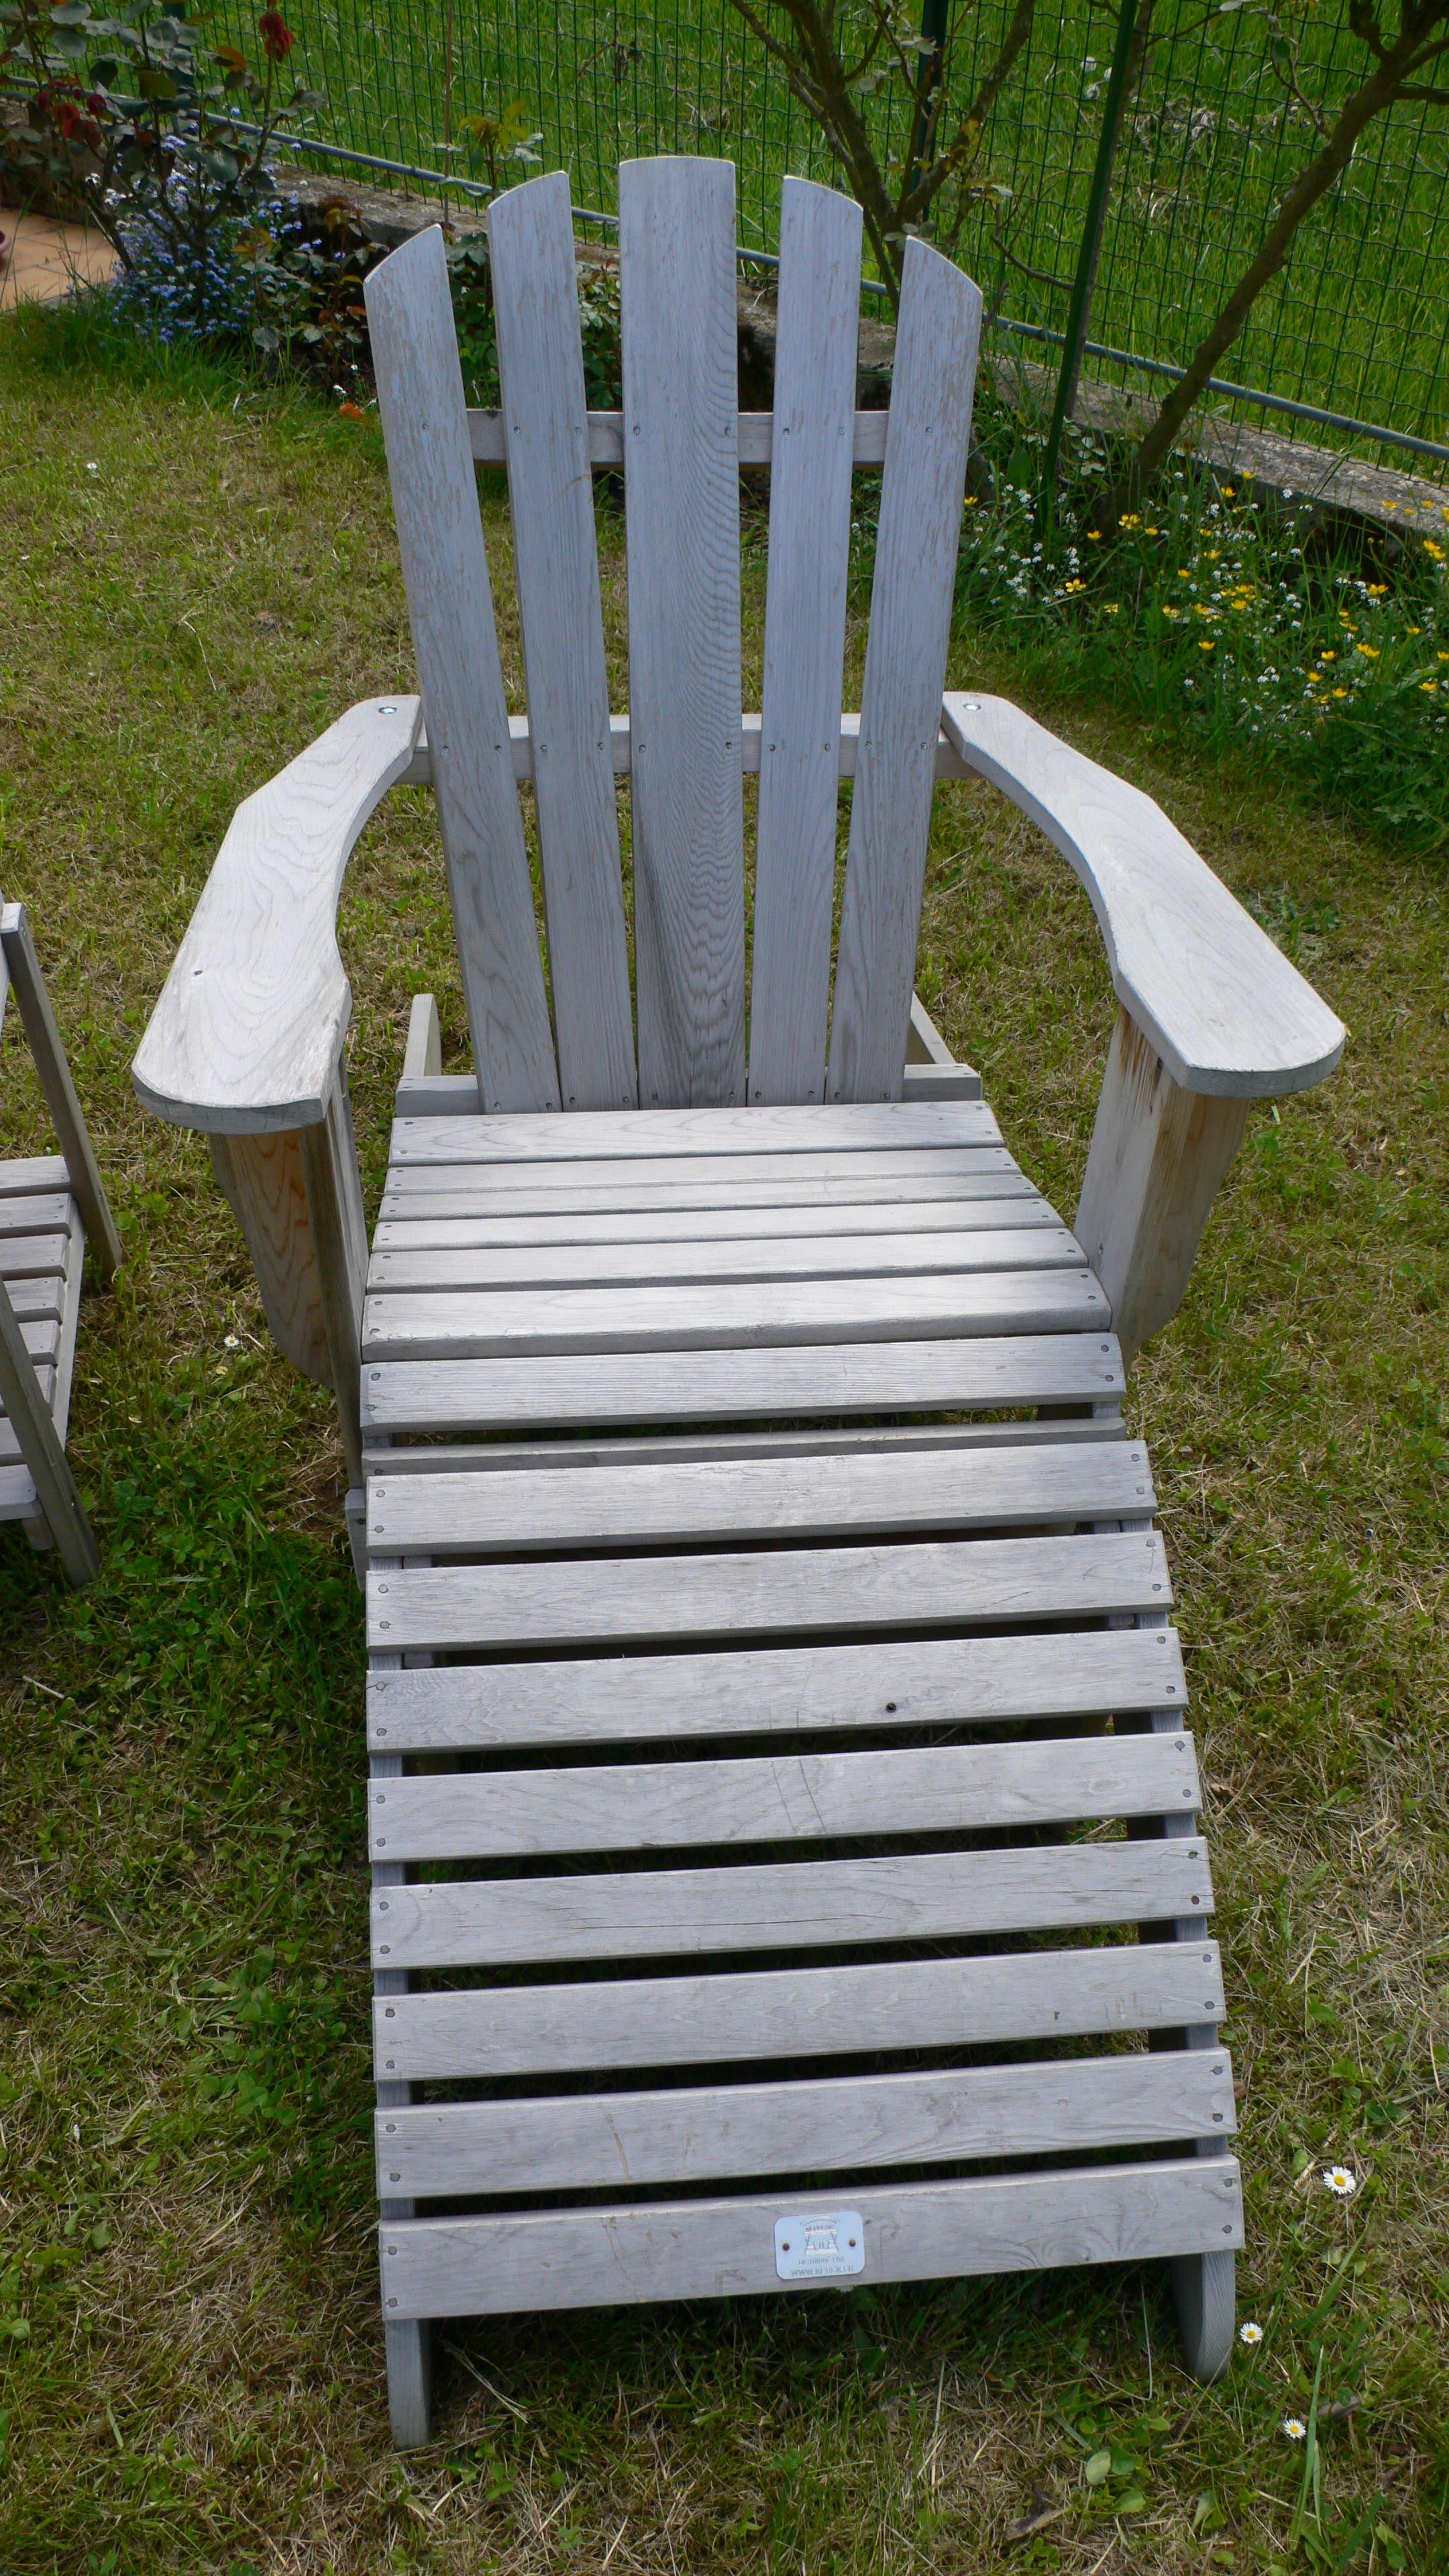 fauteuil Adirondack après 3 ans de vieillissement